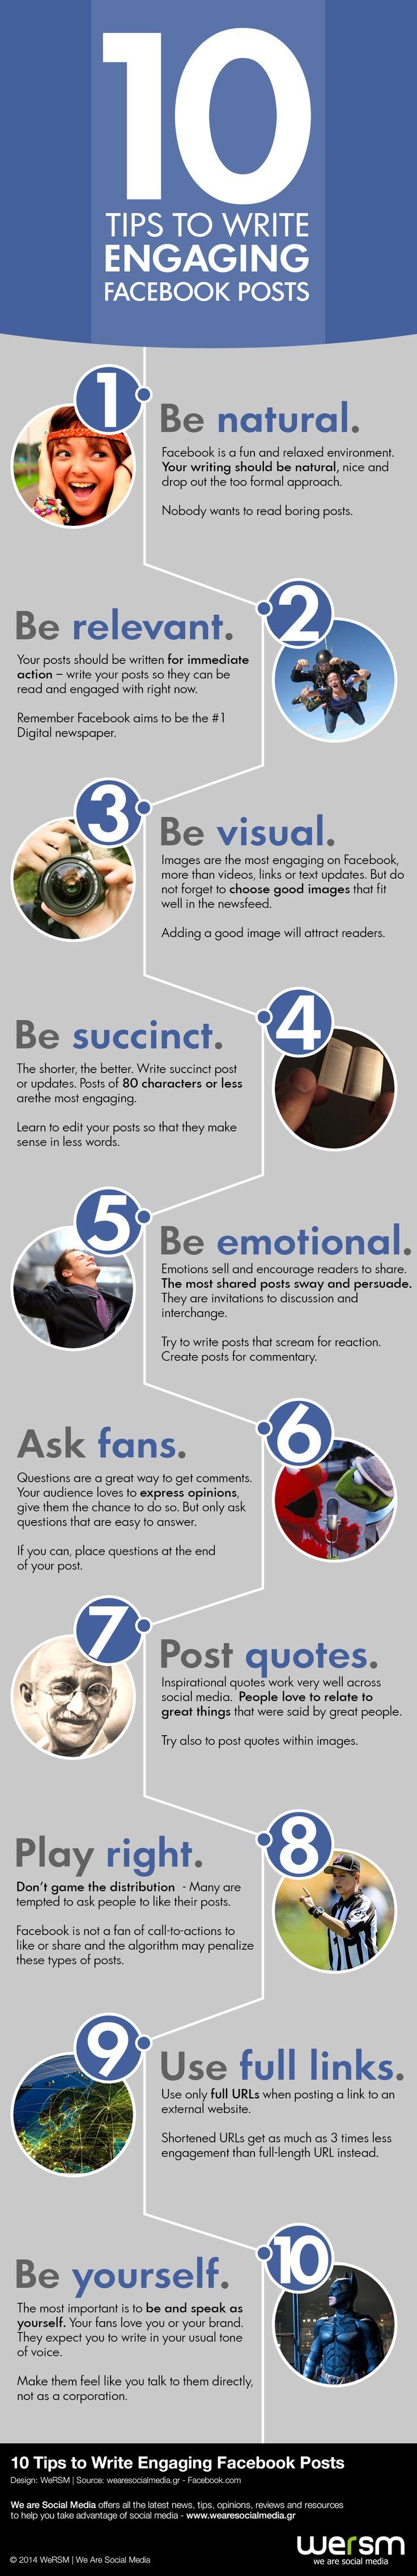 10 conseils pour augmenter les interactions sur Facebook